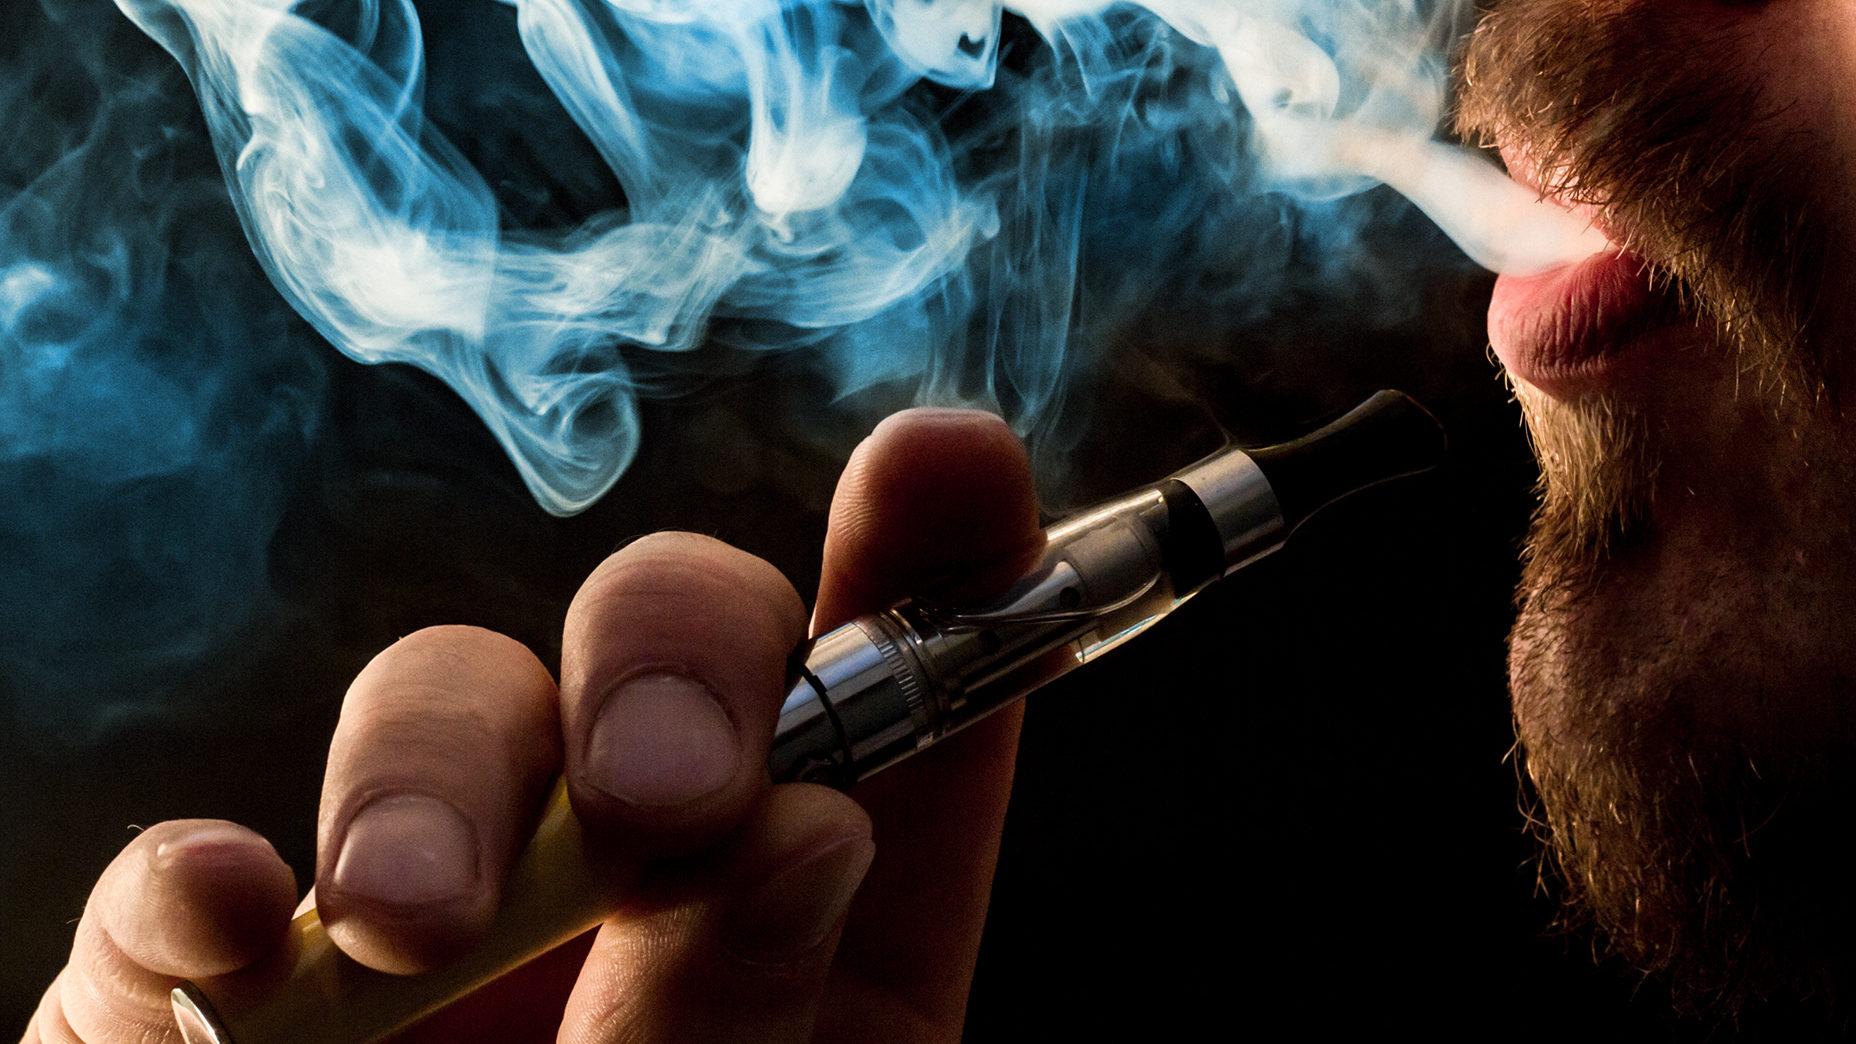 Fatale neue Lungenkrankheit durch E-Zigaretten?